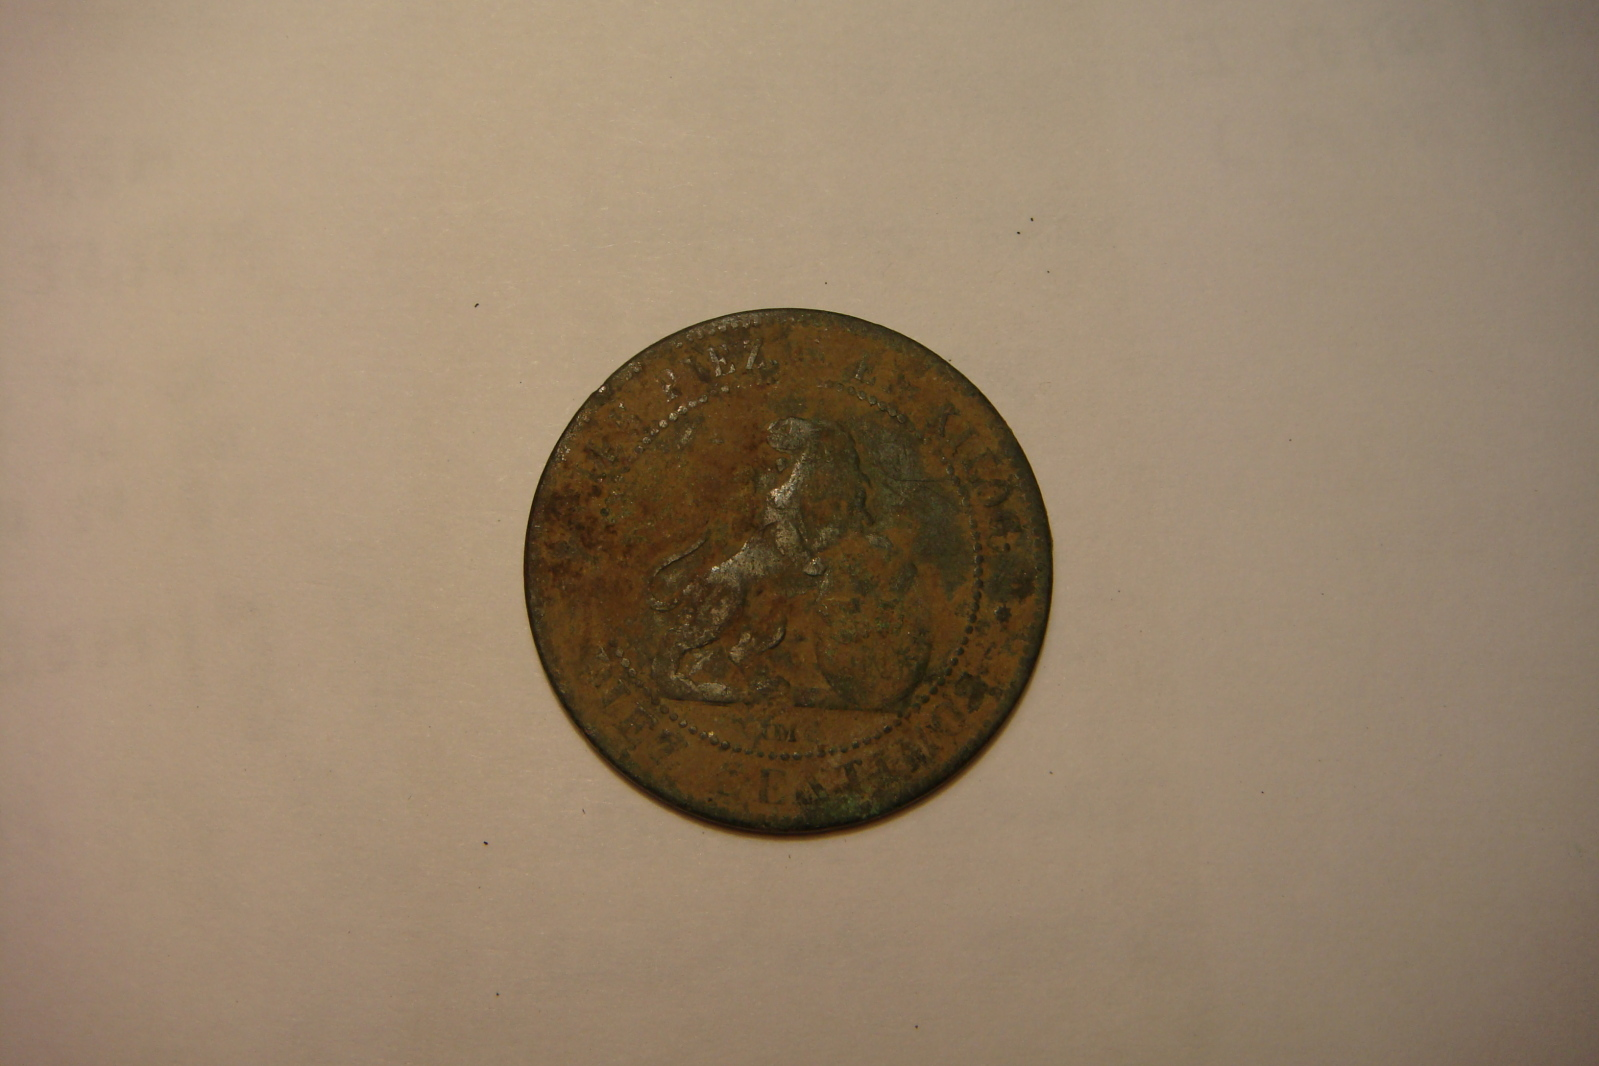 Cómo limpiar estas monedas de cobre 4gq9aa